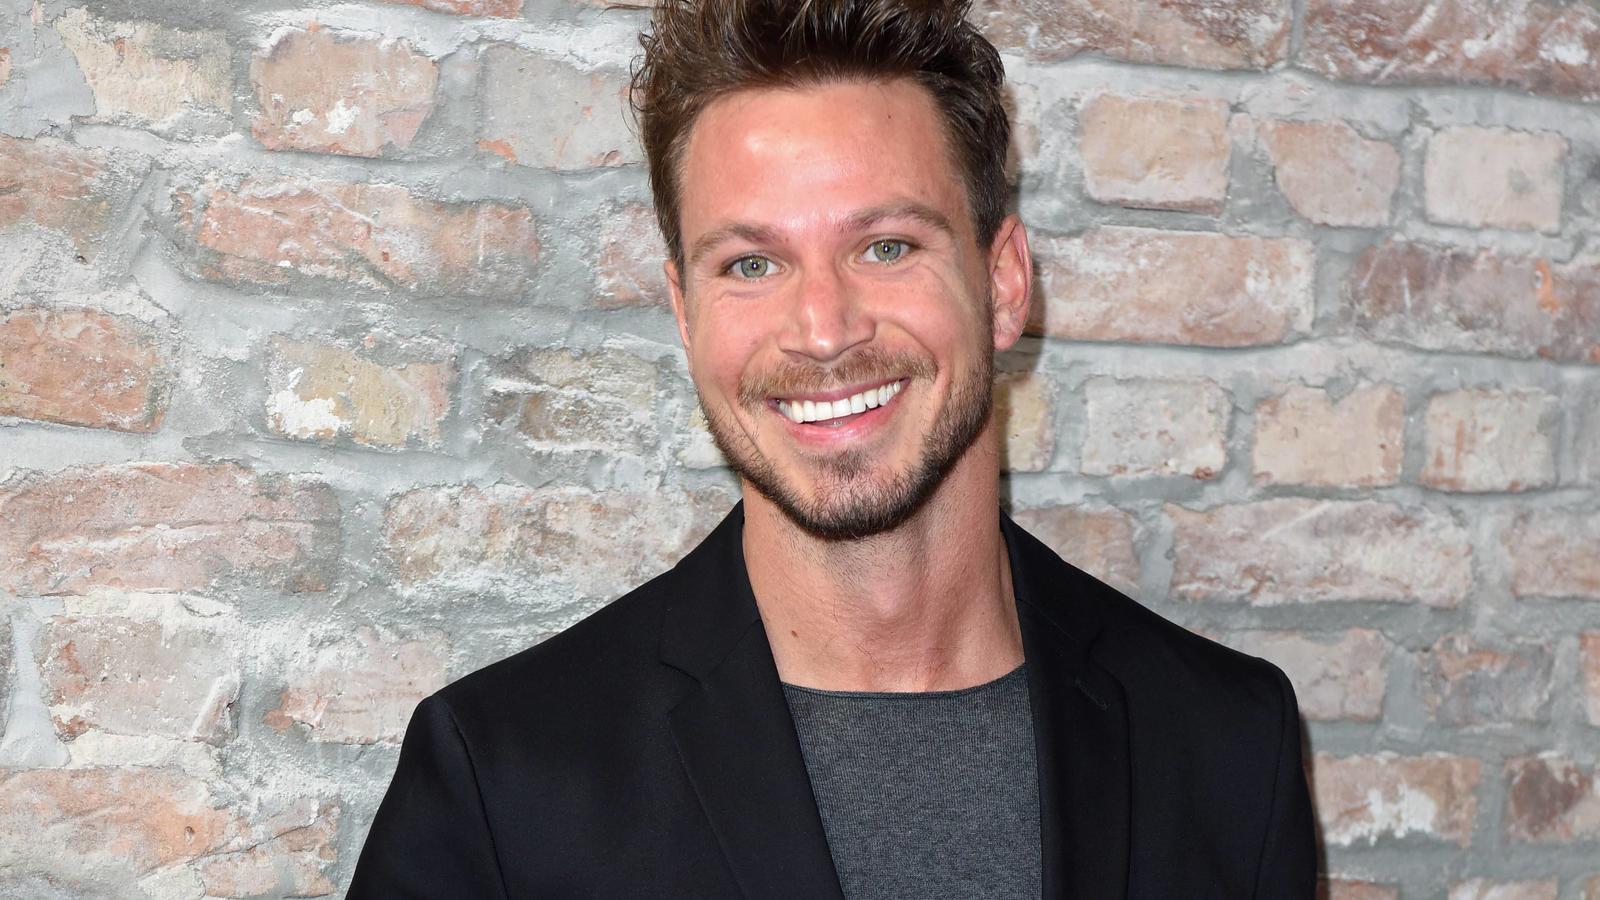 Sebastian Pannek ist im Juli Vater eines Sohnes geworden.